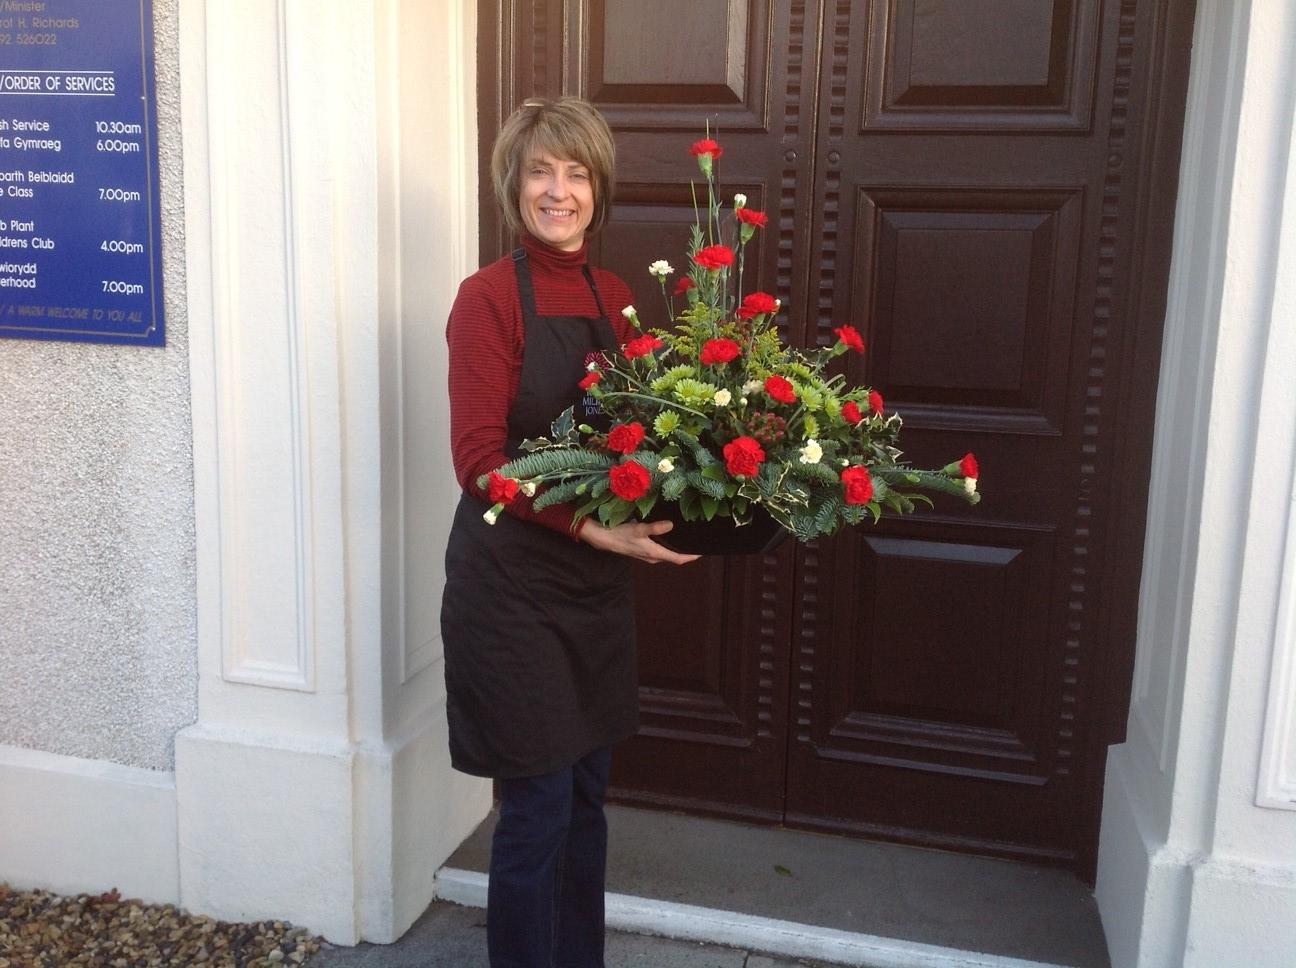 Ruth Miltonjones Flowers in Swansea & South Wales